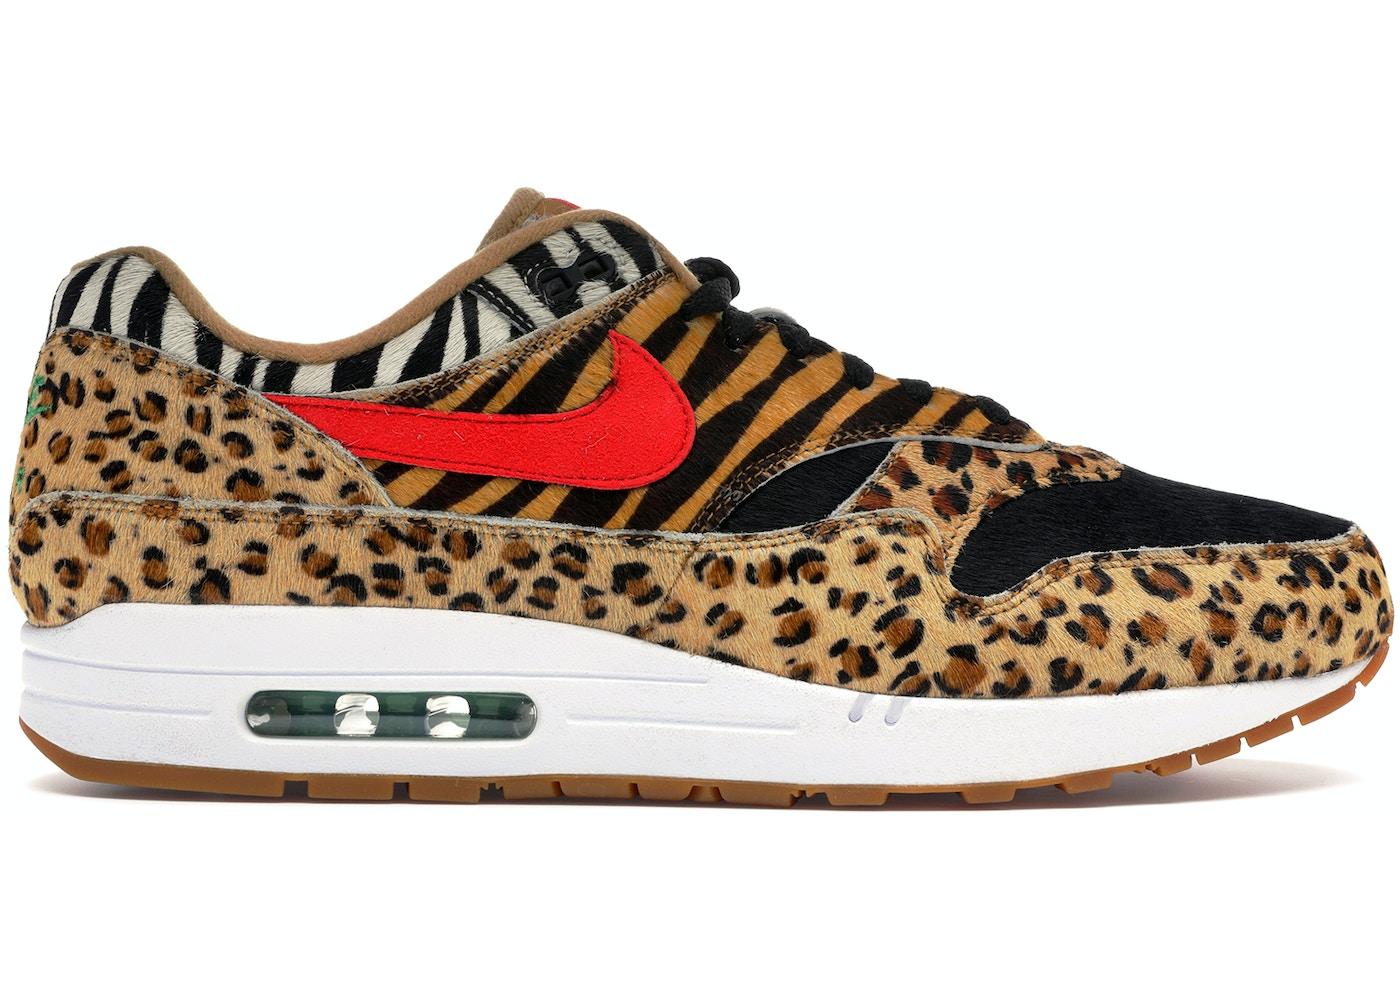 538f8525b0 Nike Air Max 1 Shoes - Price Premium